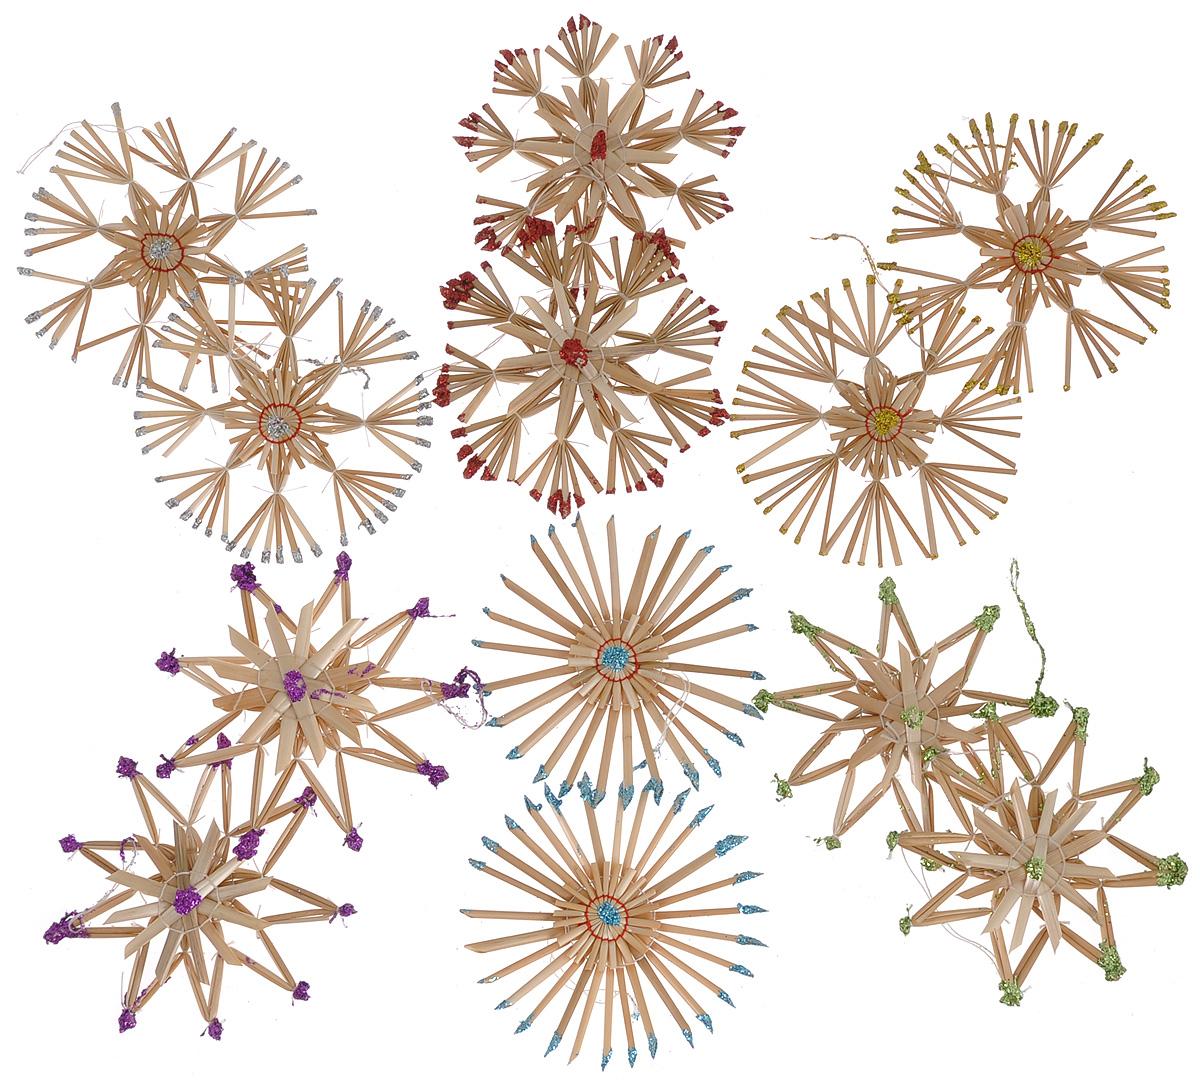 Набор новогодних подвесных украшений Феникс-презент Радуга, 12 шт феникс презент набор украшений 5 шт